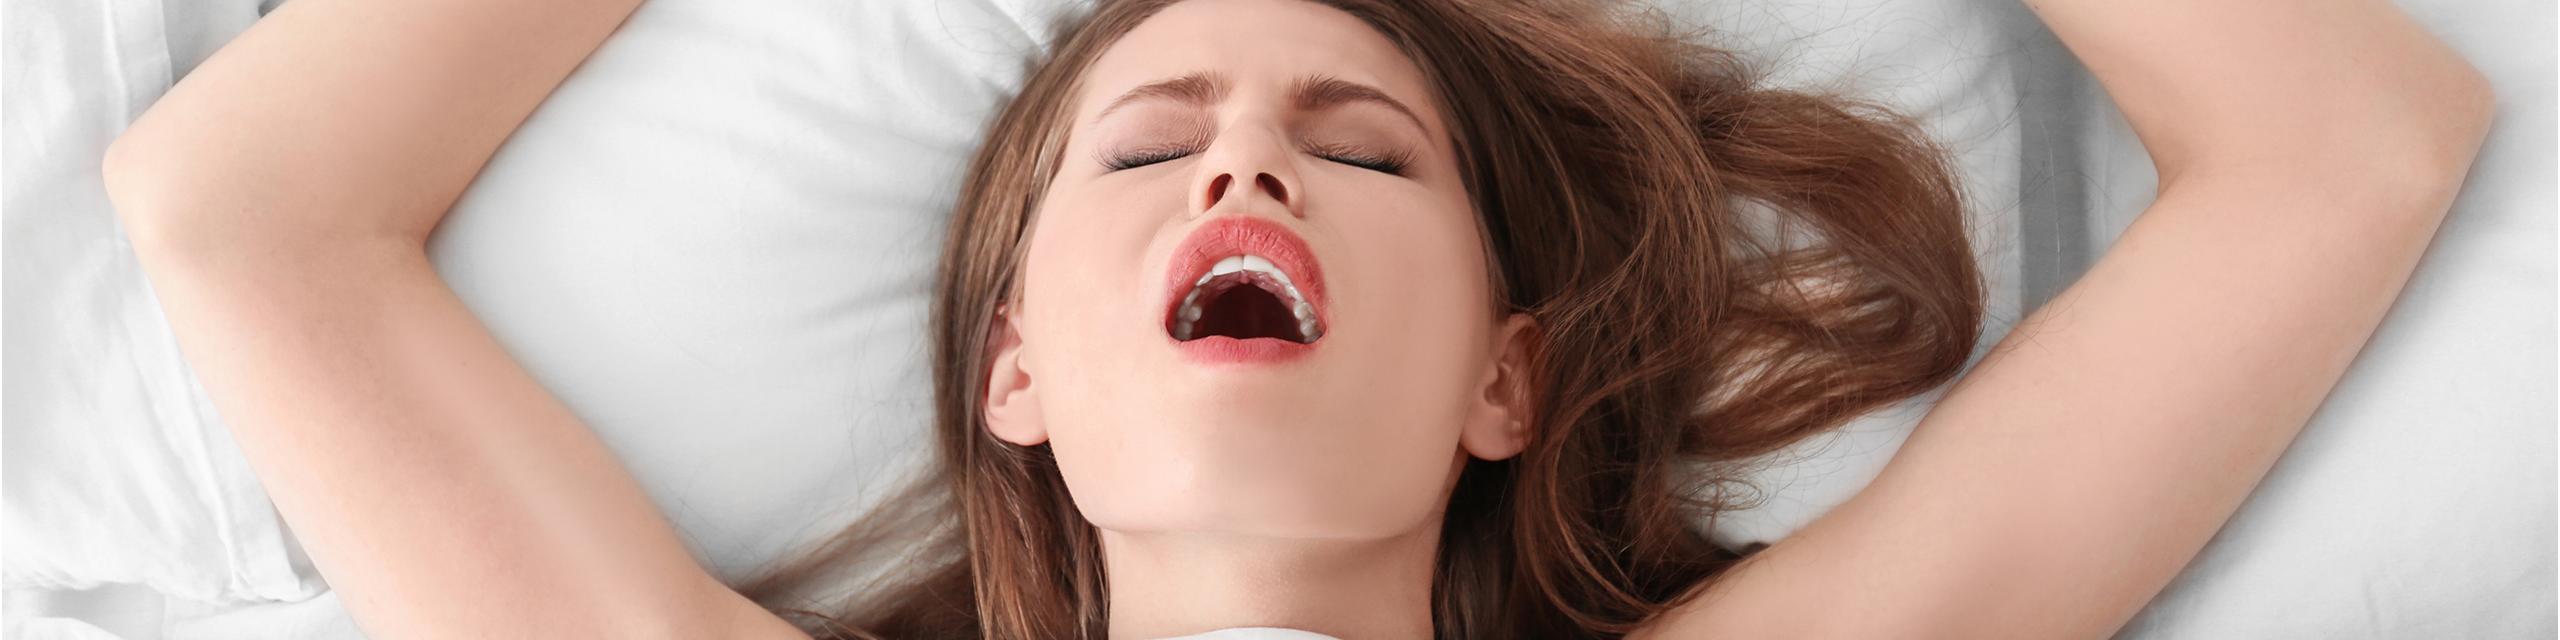 Goedele zoekt orgasmes! Neem deel aan het onderzoek